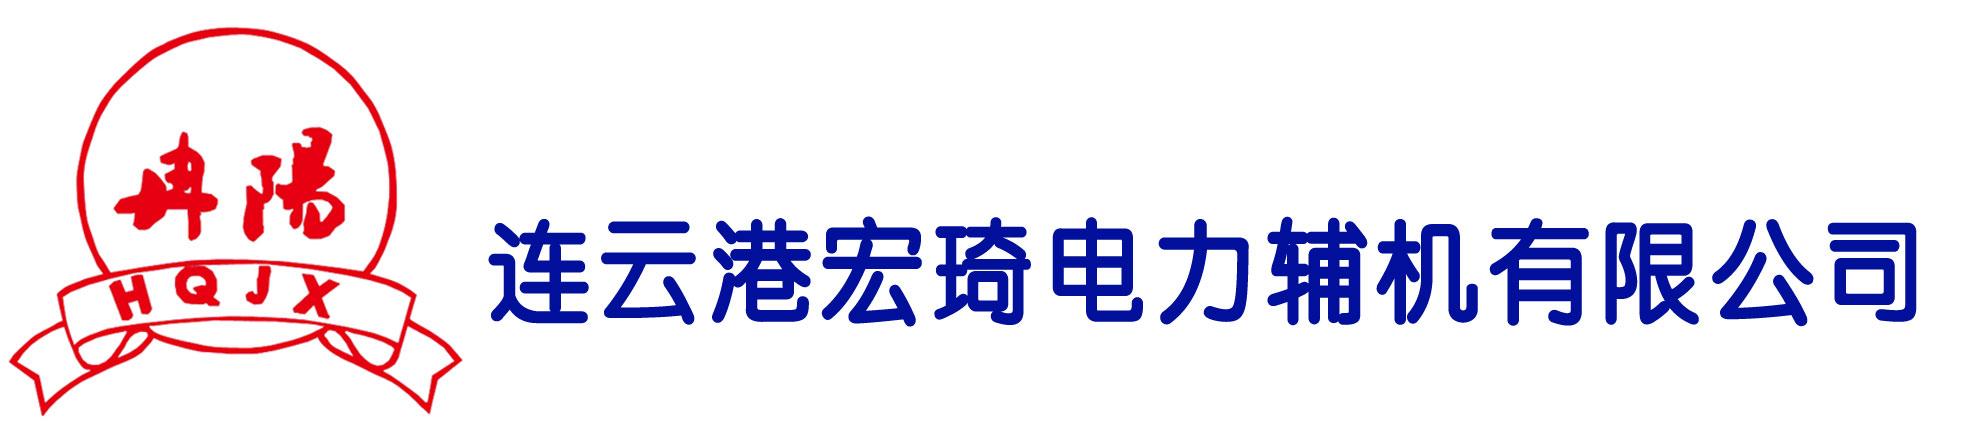 连云港宏琦电力辅机有限公司